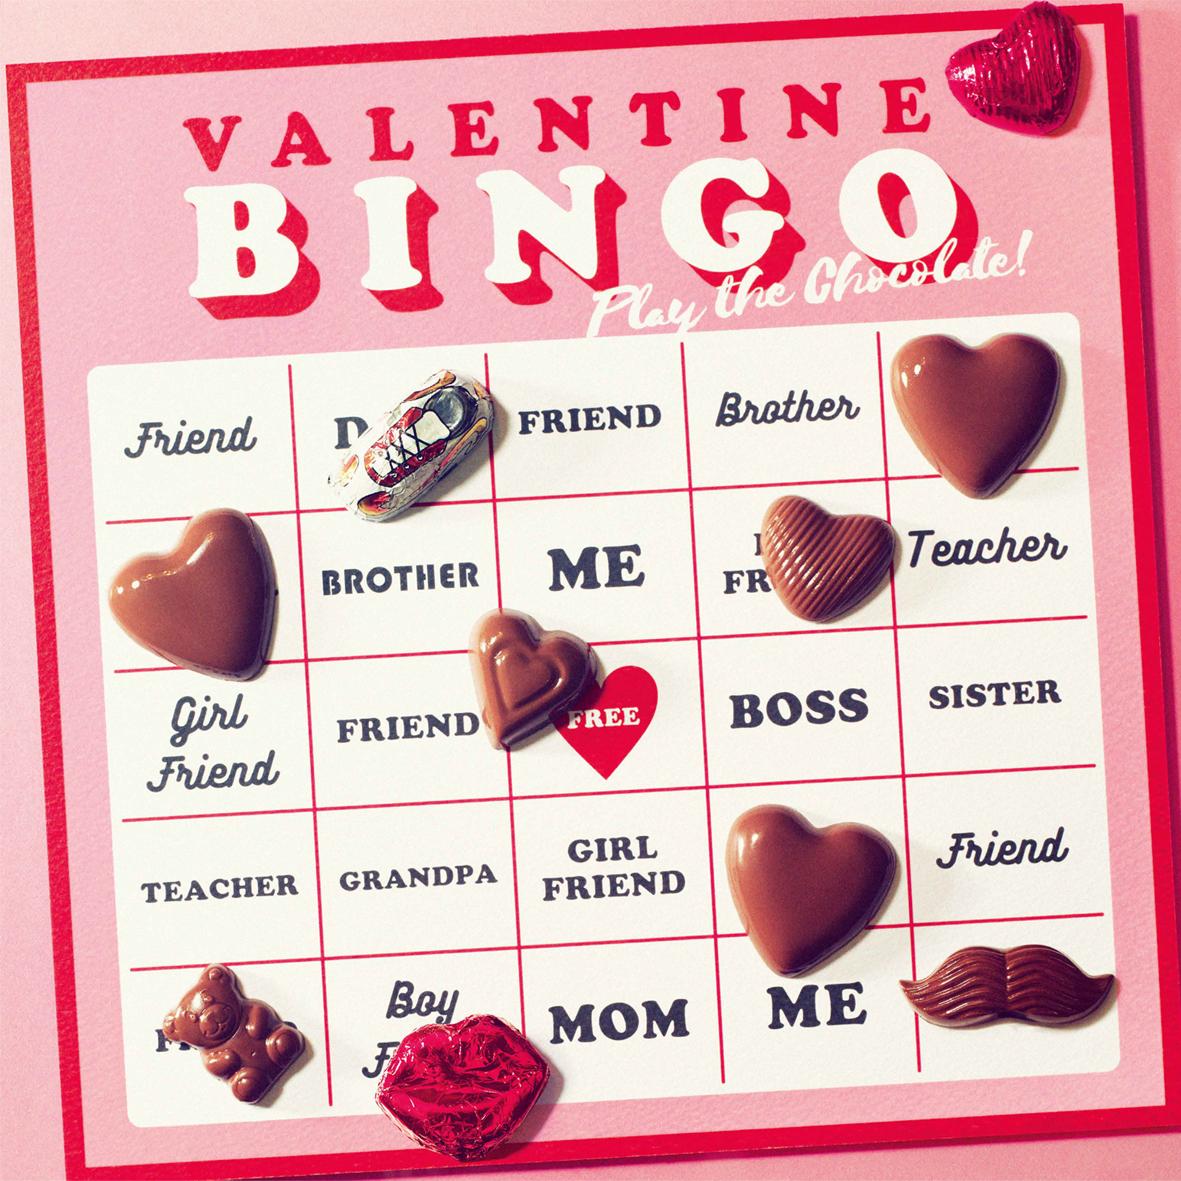 SNSにアップしたくなる♡ フェイスシリーズのロリポップチョコレートでバレンタインを盛り上げて